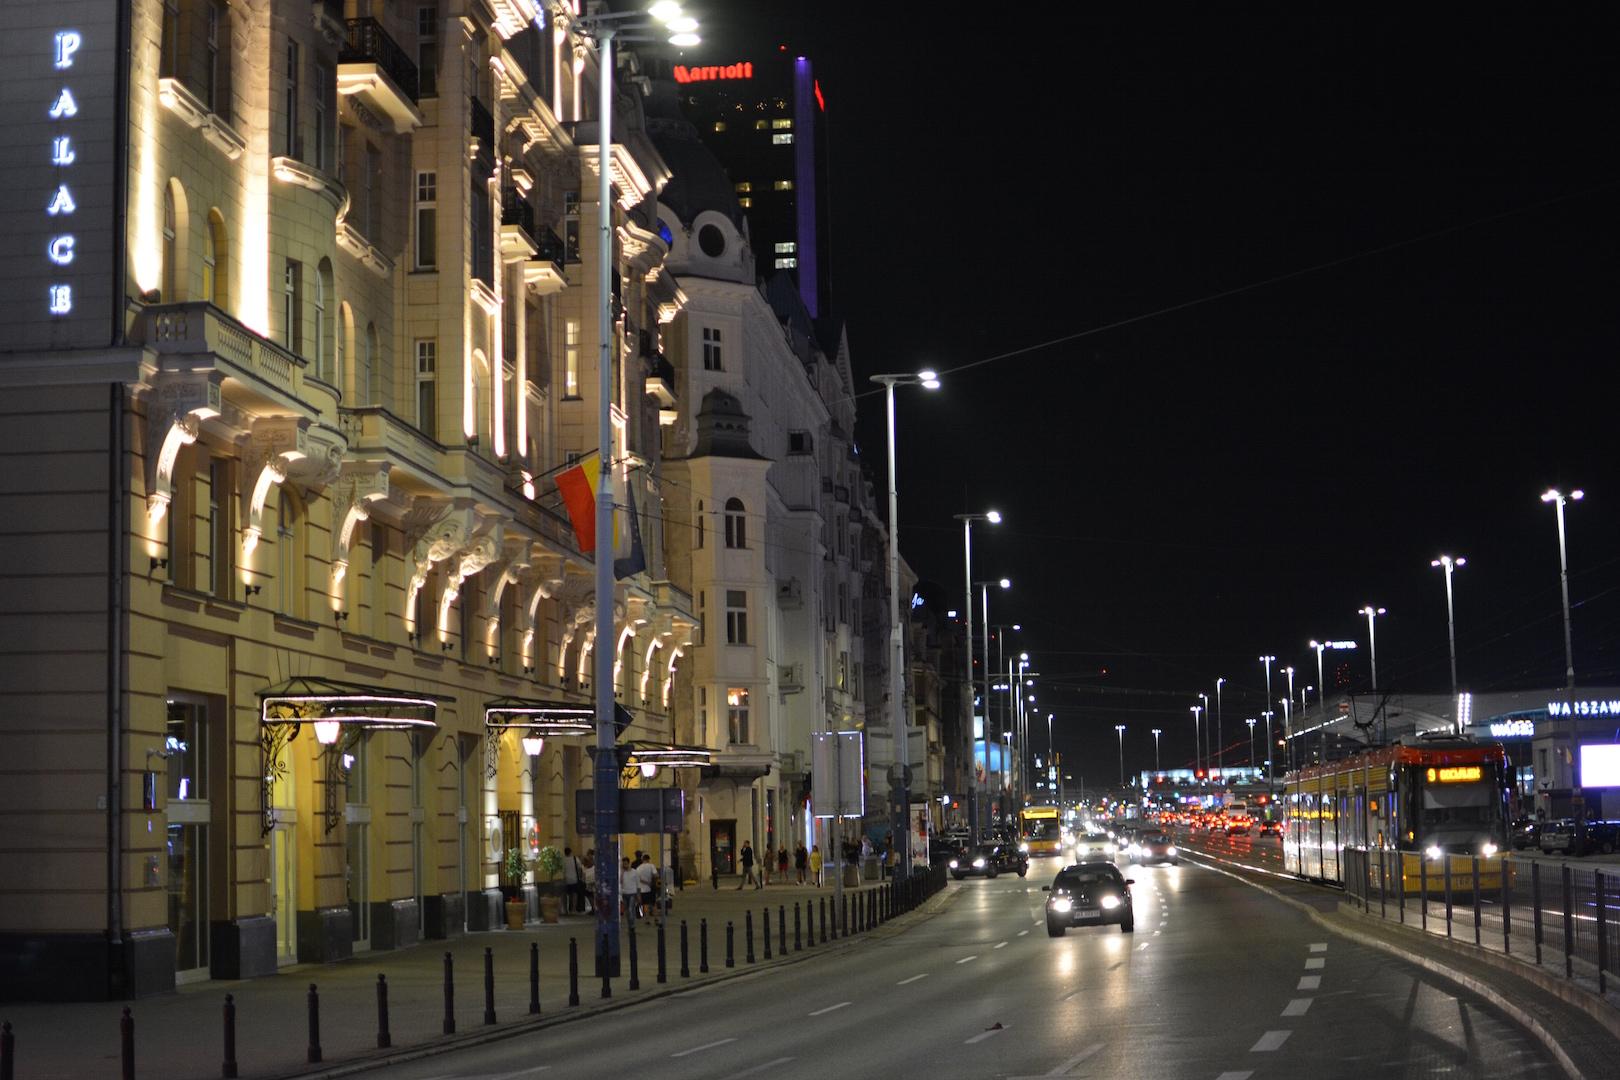 ania ulice warszawy, Ania warszawa, ulice miast, stolica, spacer po mieście, spacer po warszawie